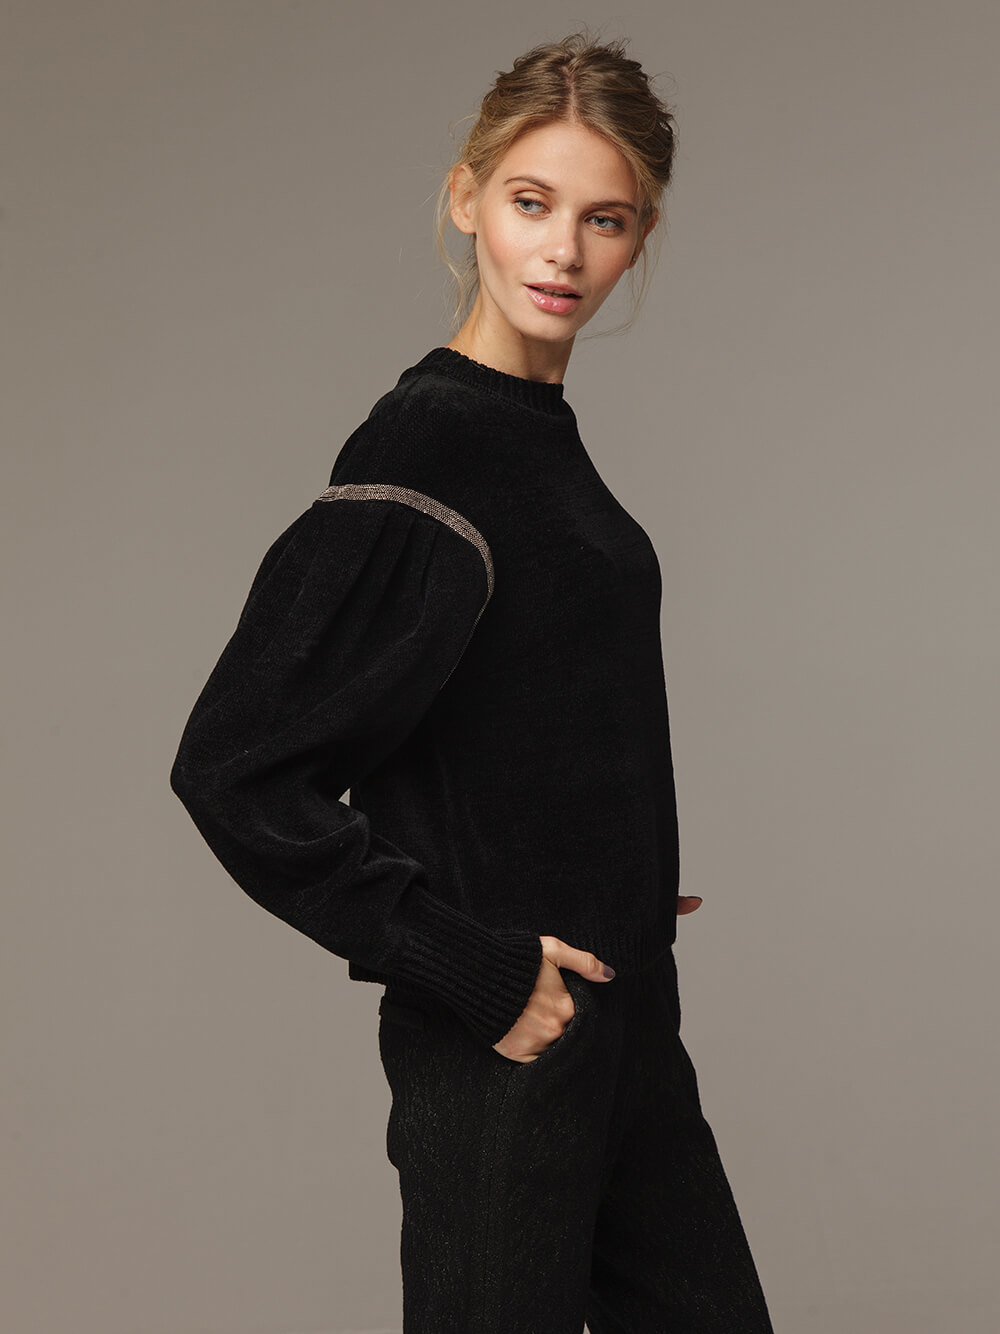 Женский черный джемпер с объемными рукавами - фото 1